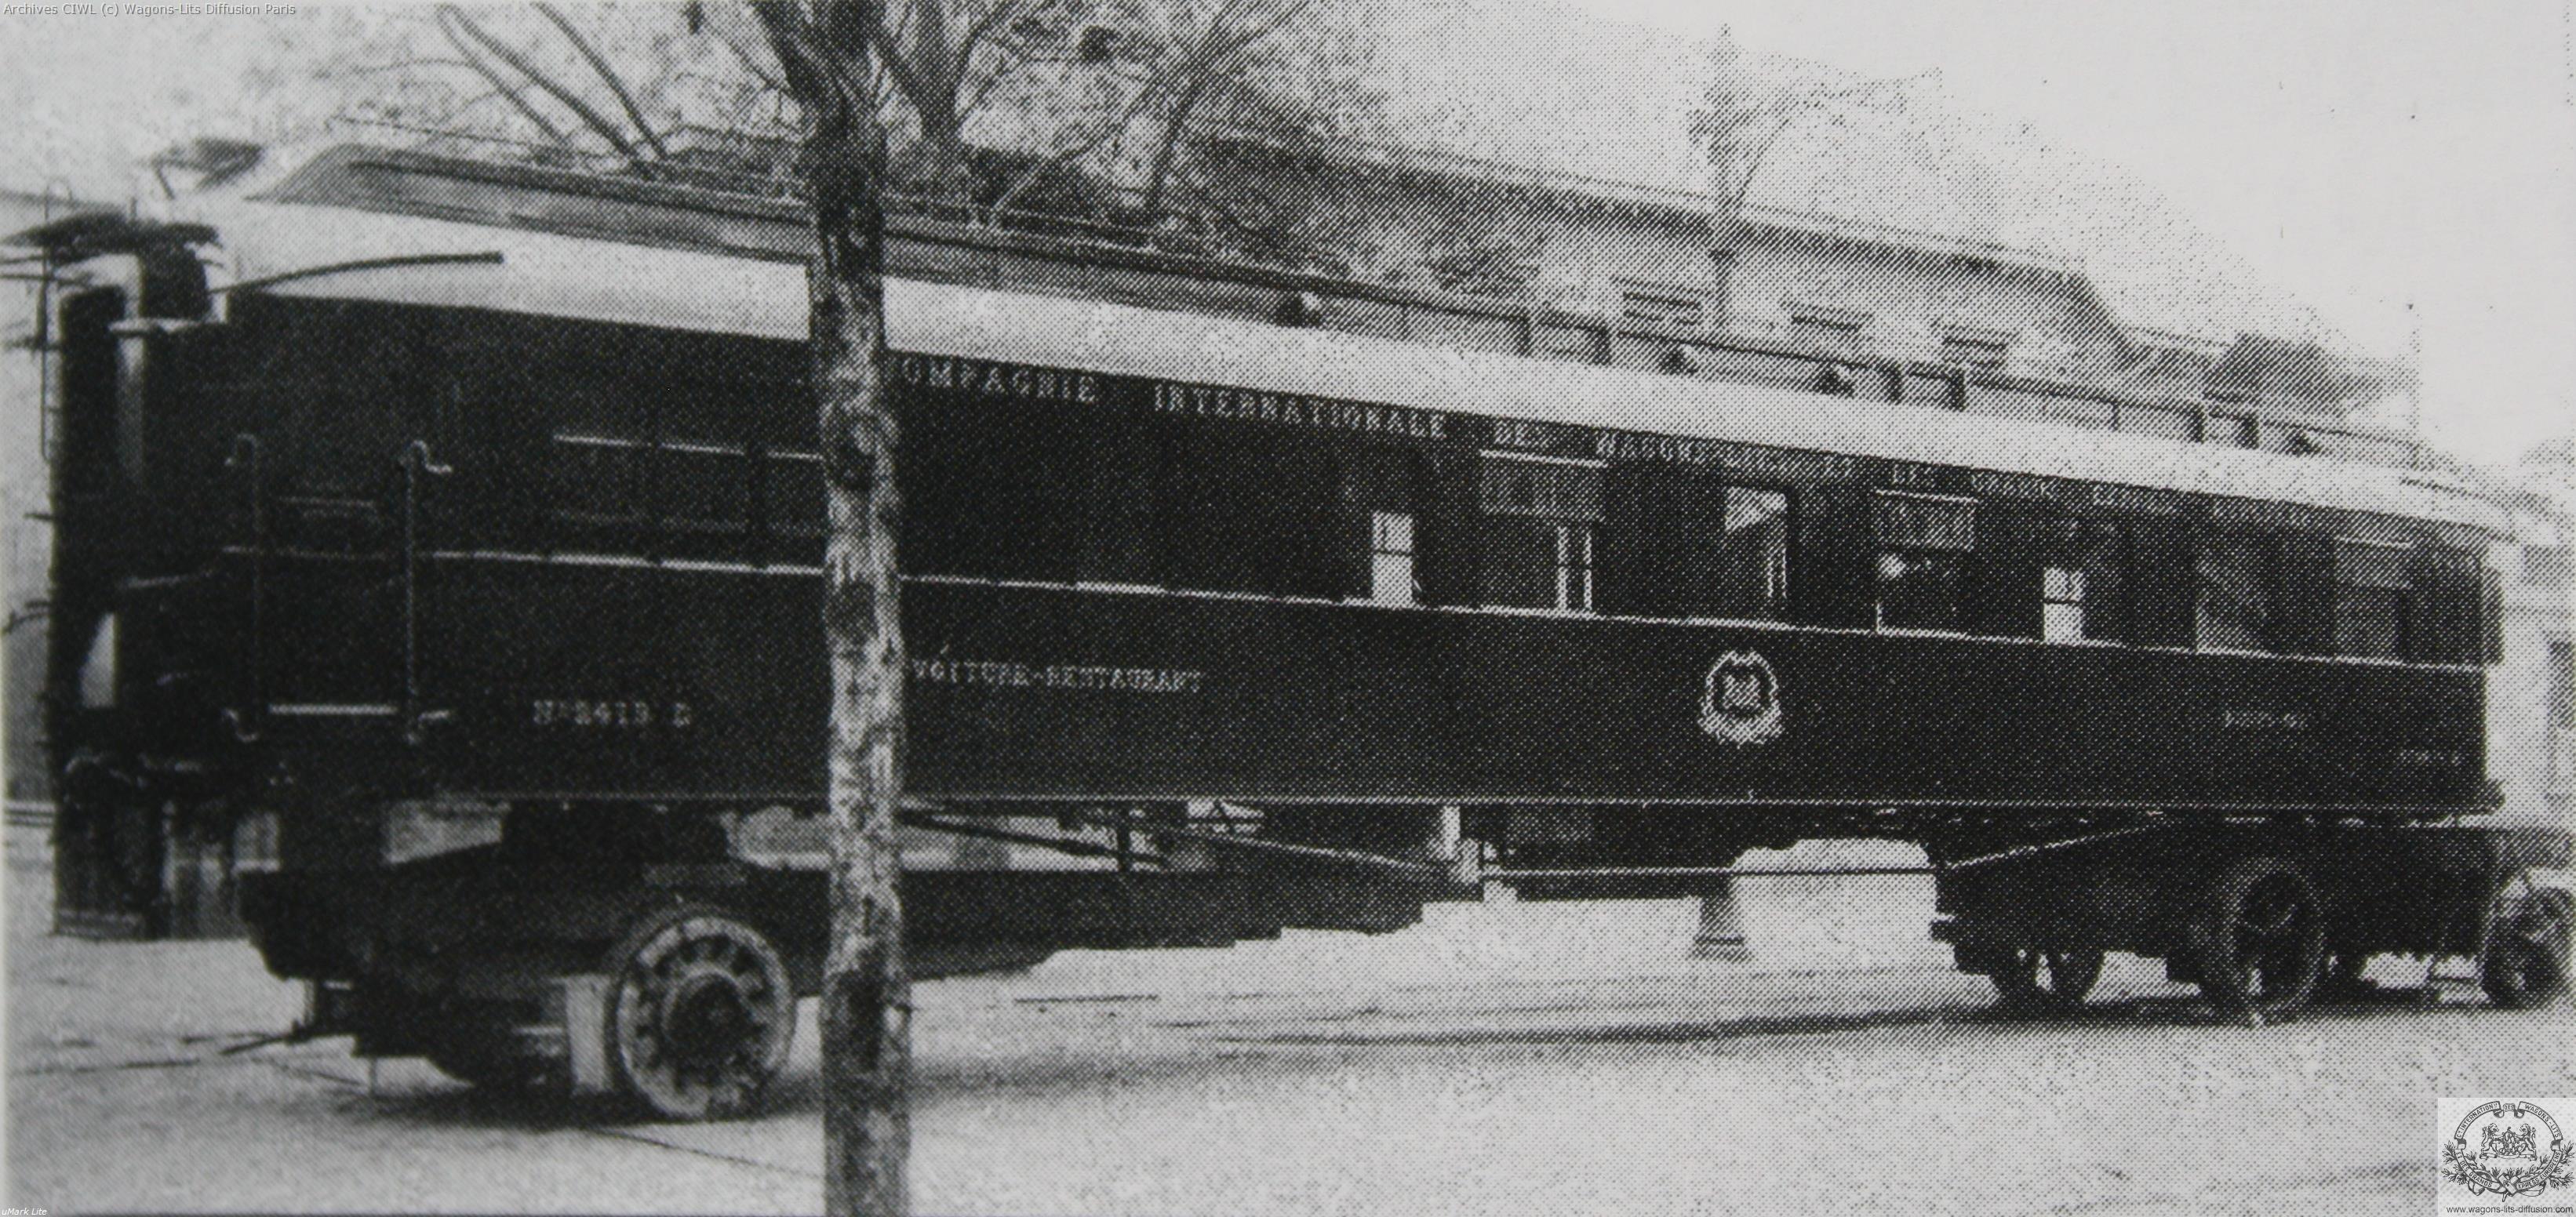 Wl voiture 2419 armistice aux invalides paris 1921 2